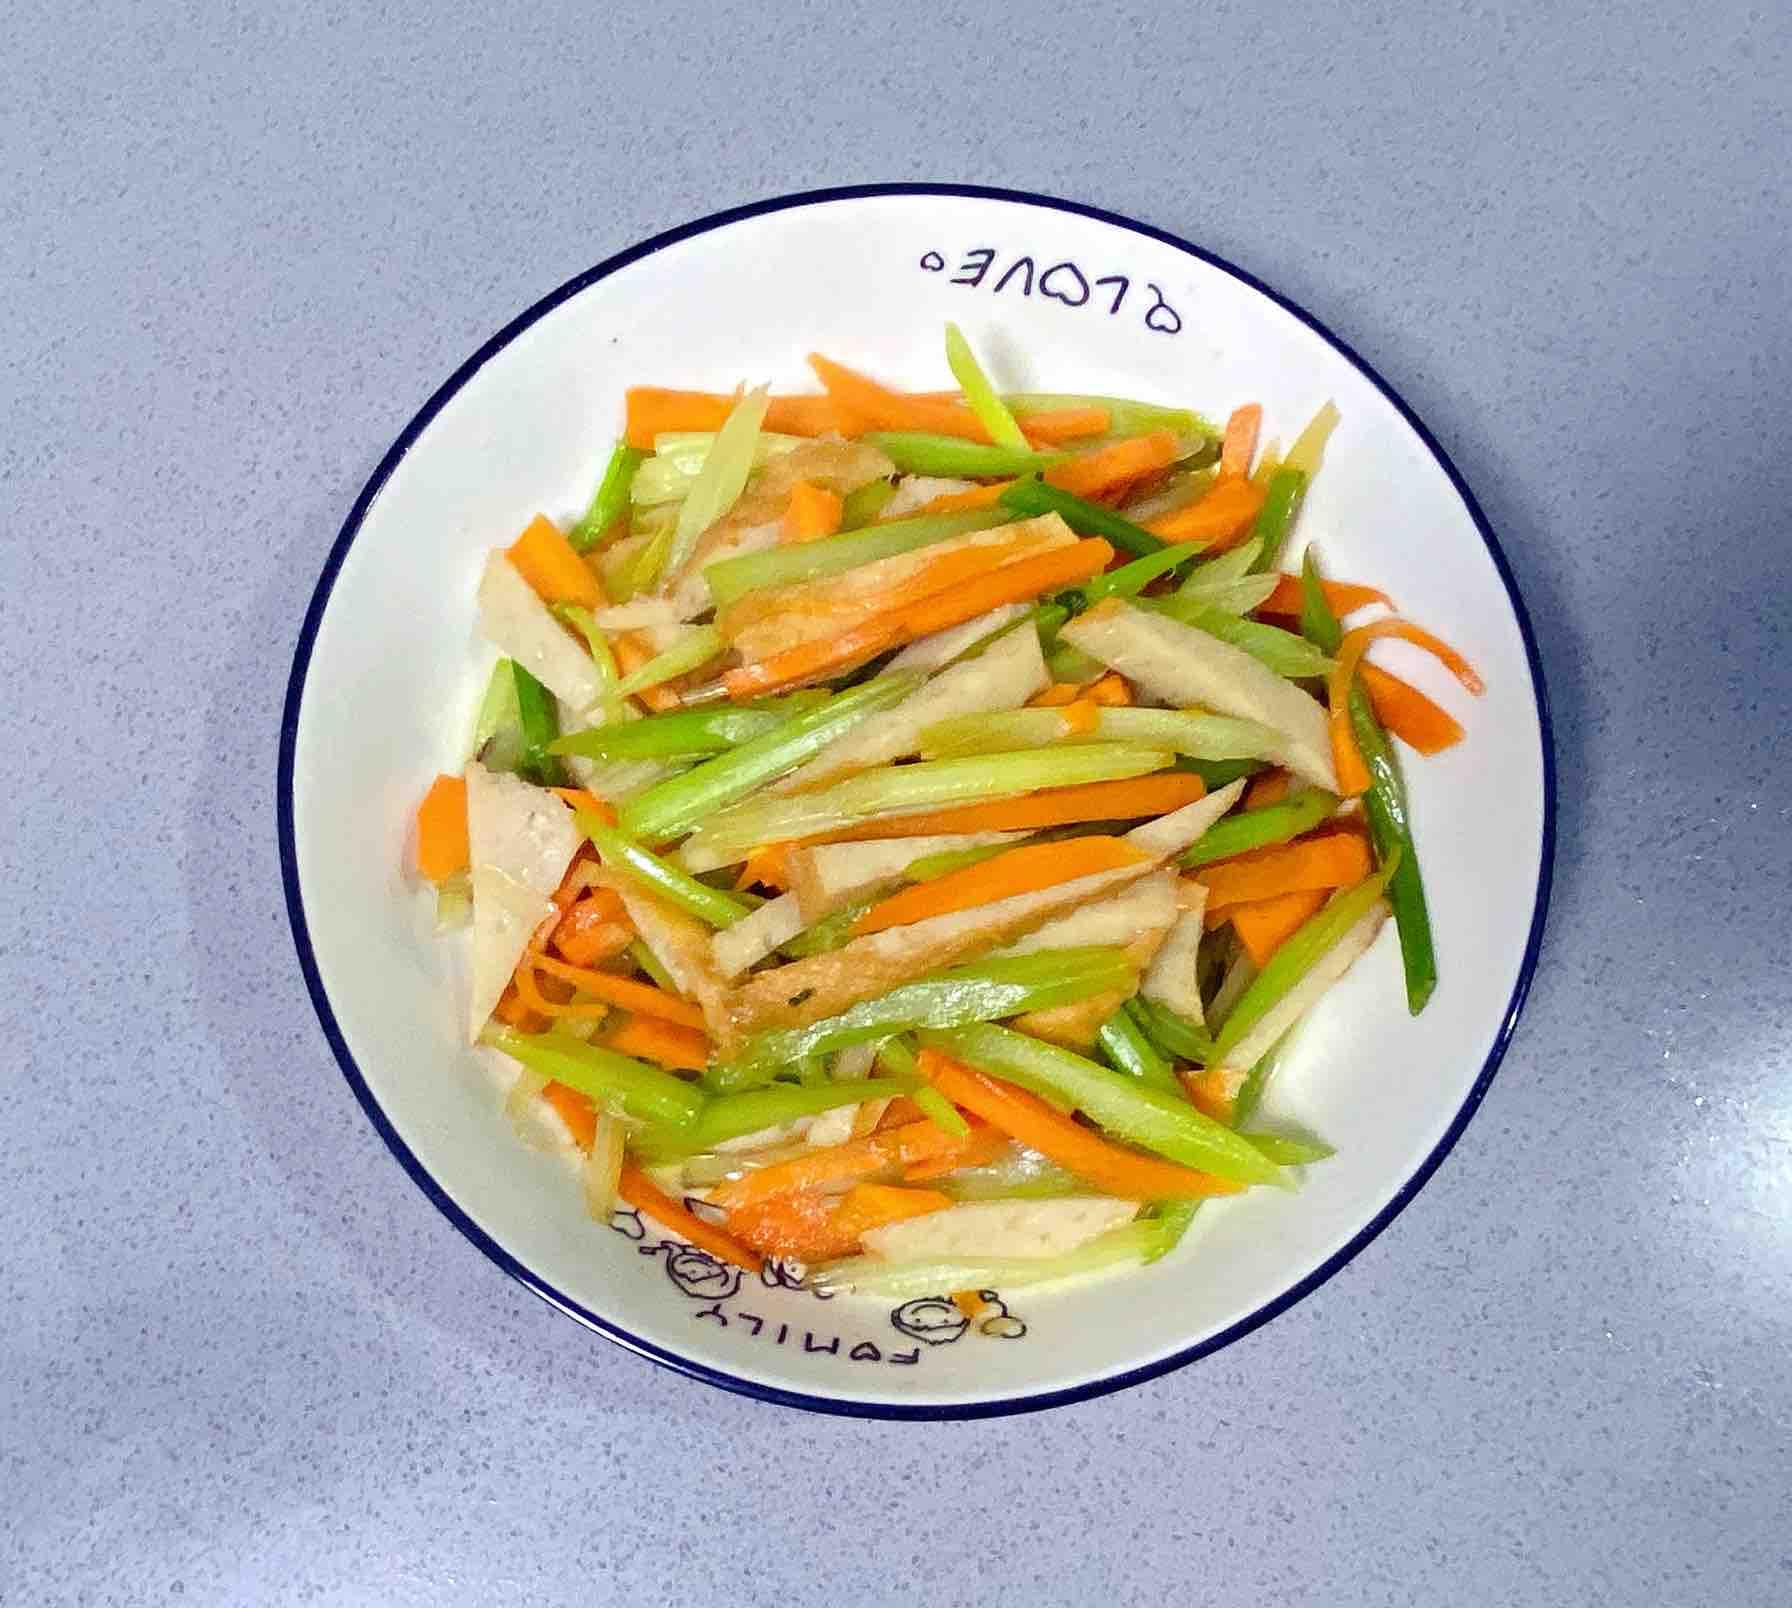 【孕妇食谱】鱼饼炒西芹,清淡脆爽、营养丰富~的步骤